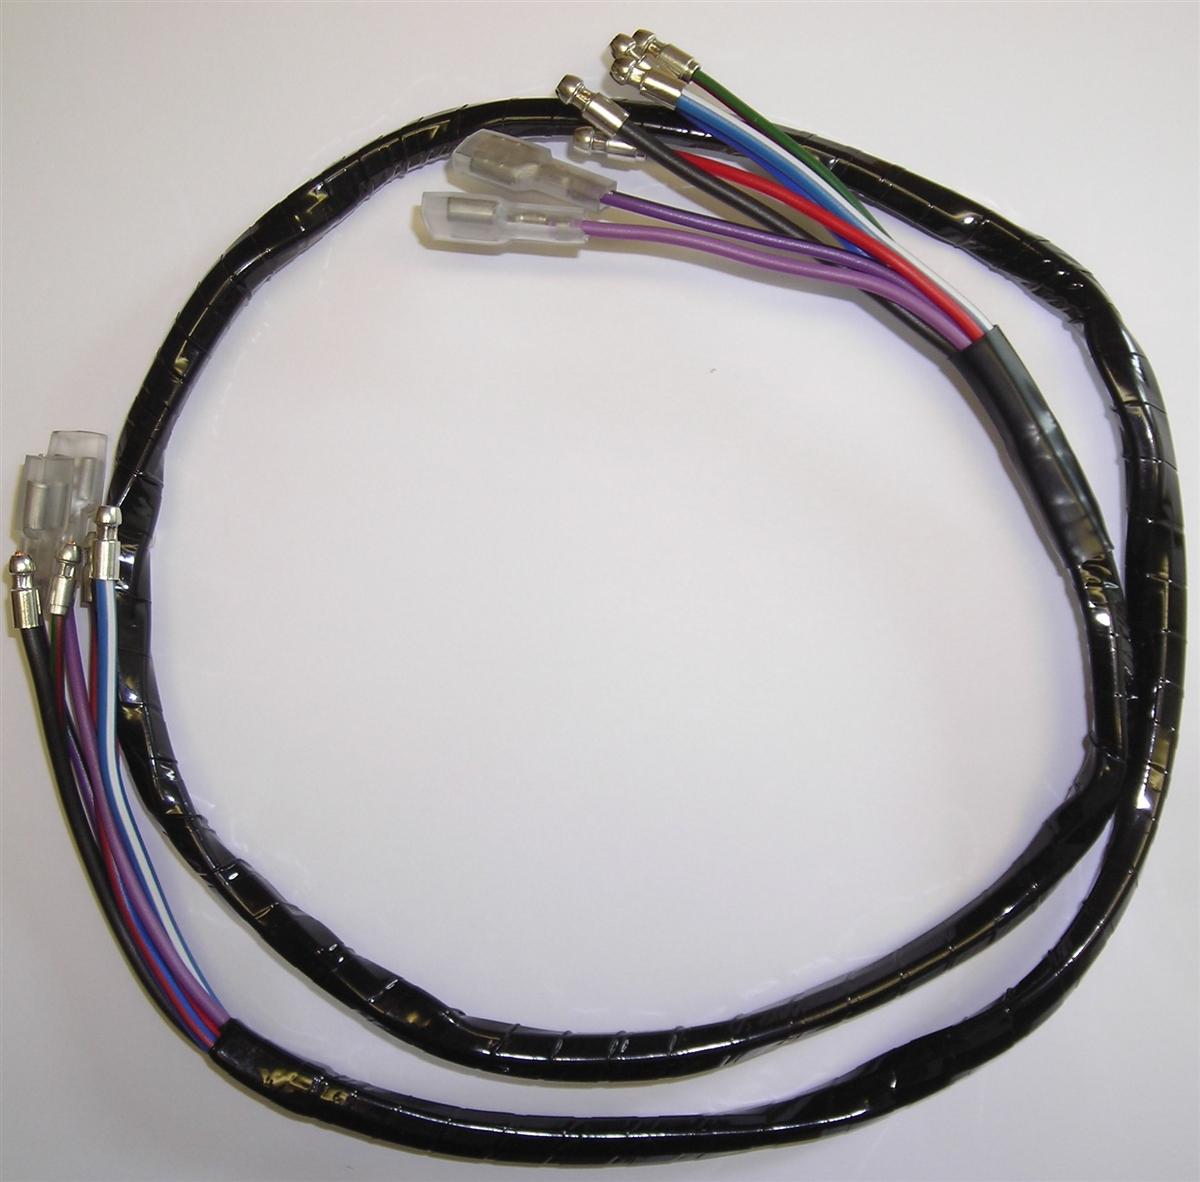 mgb headlight wiring harnes [ 1200 x 1182 Pixel ]